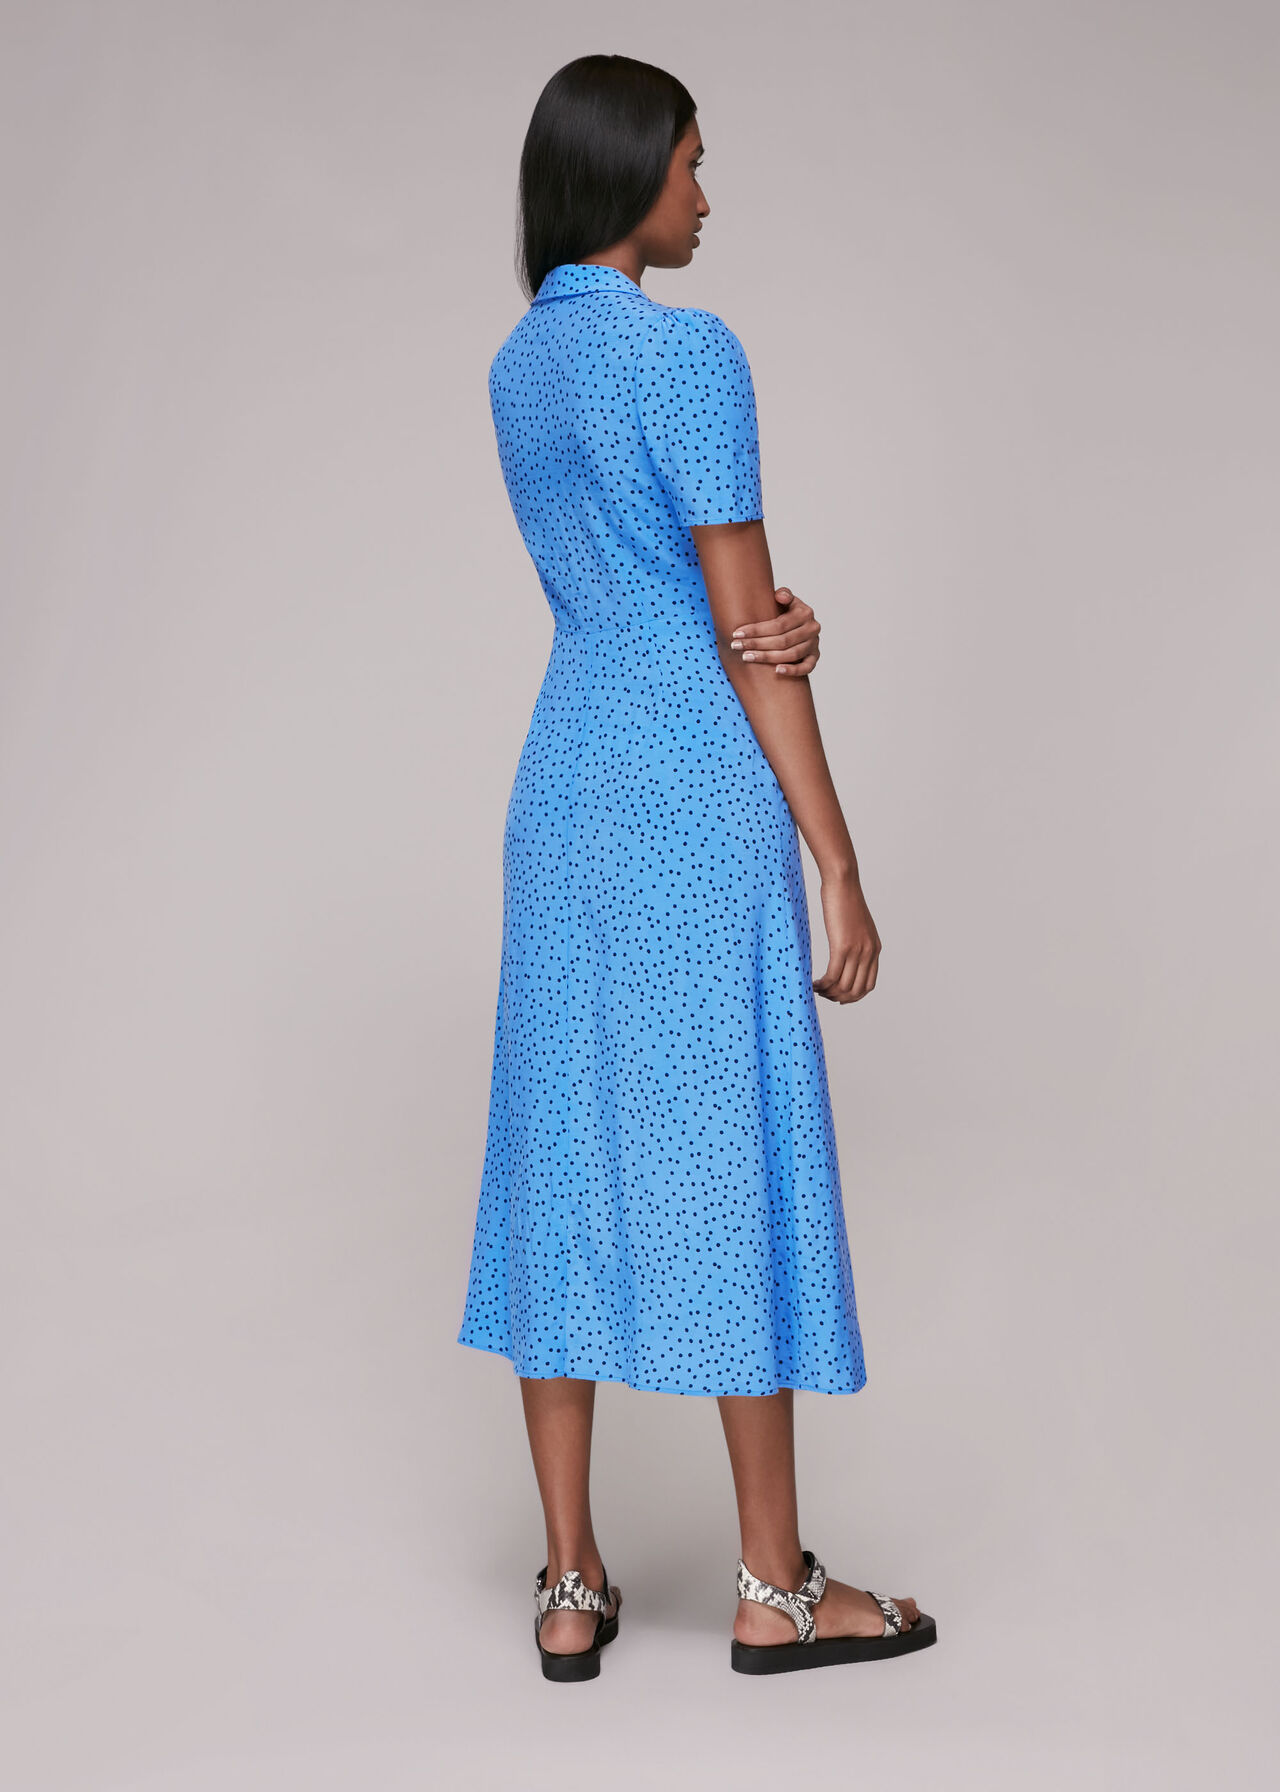 Rowan Irregular Spot Dress